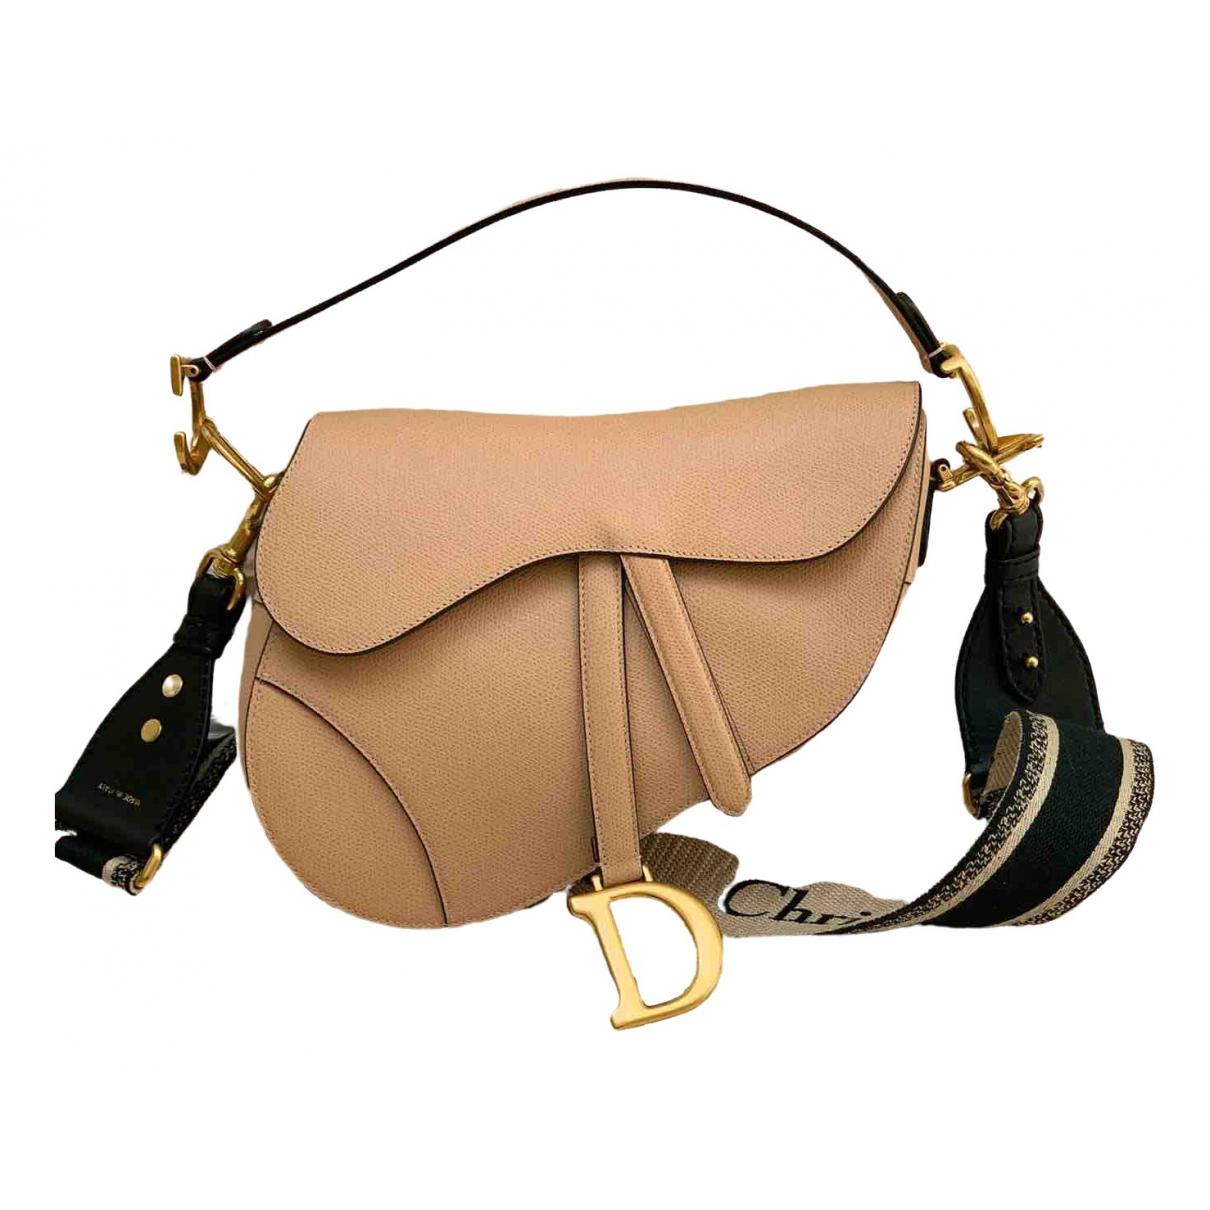 Dior Saddle Pink Leather handbag for Women \N